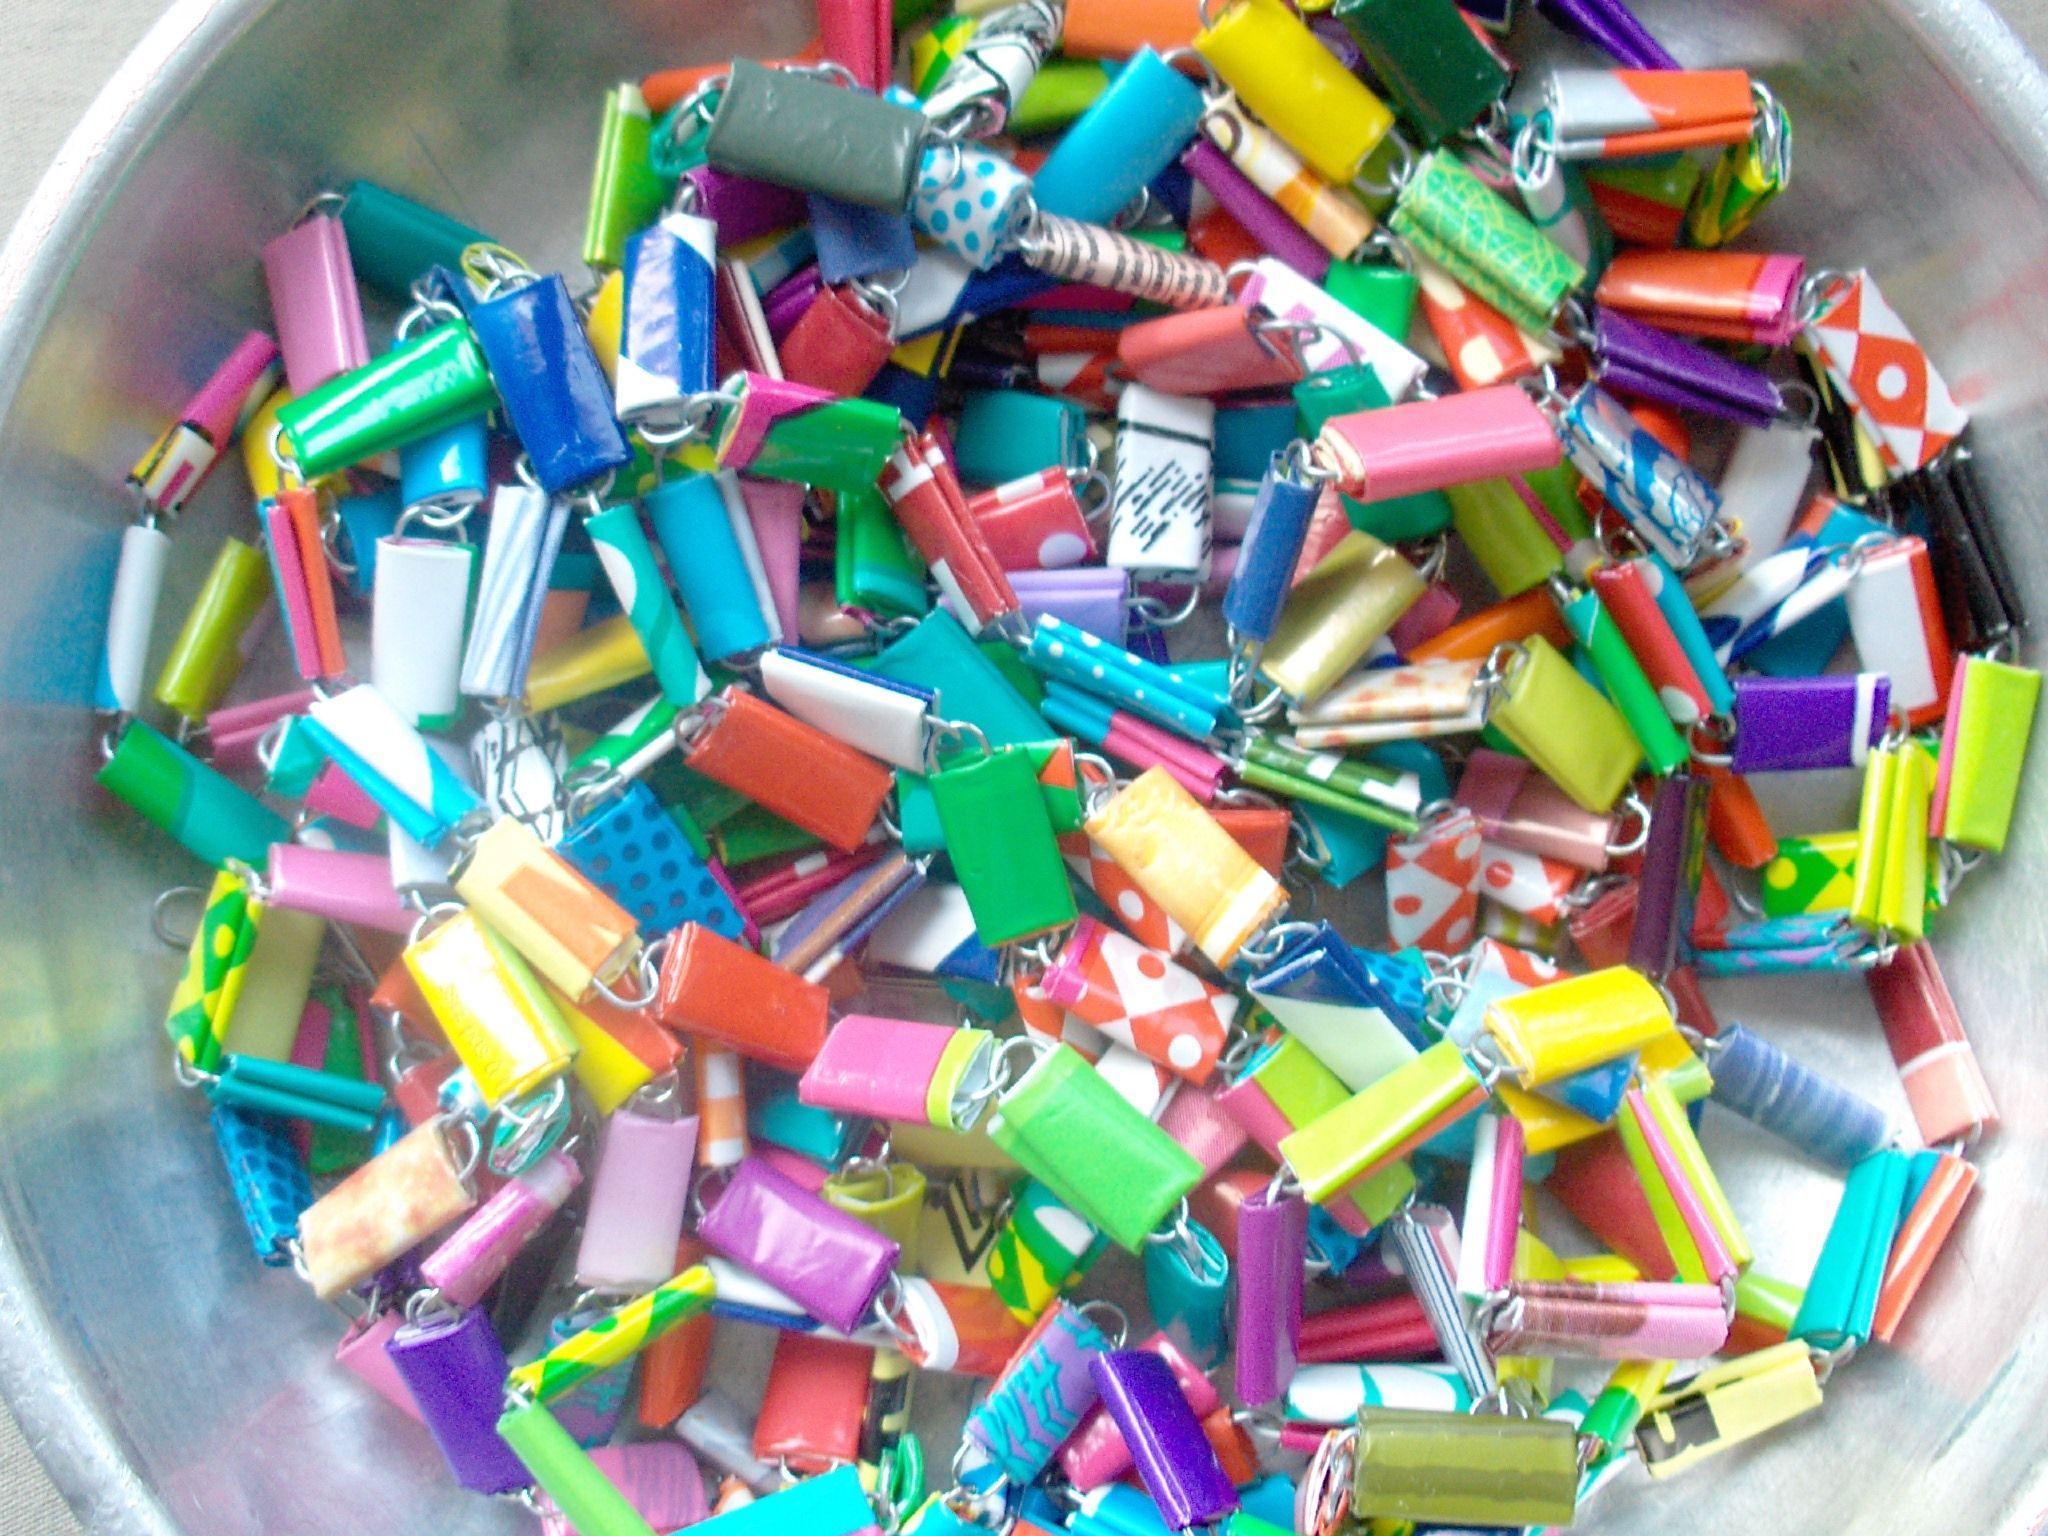 Vliegengordijn Plastic Slierten.Vliegengordijn Van Paperclips En Plastic Zak Fly Curtain And Paper